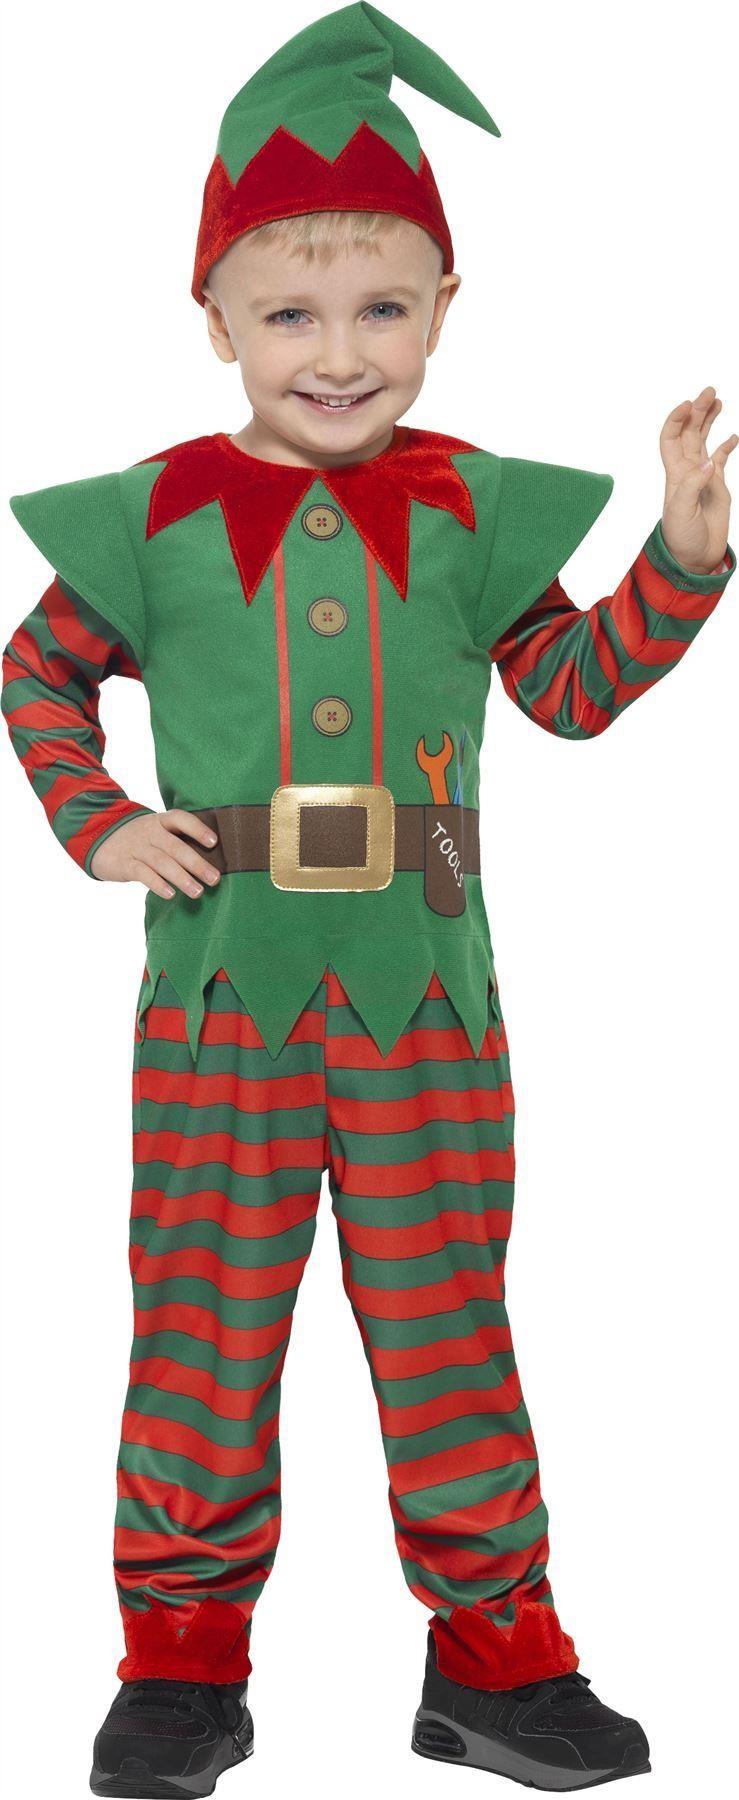 Toddlers Elf Costume